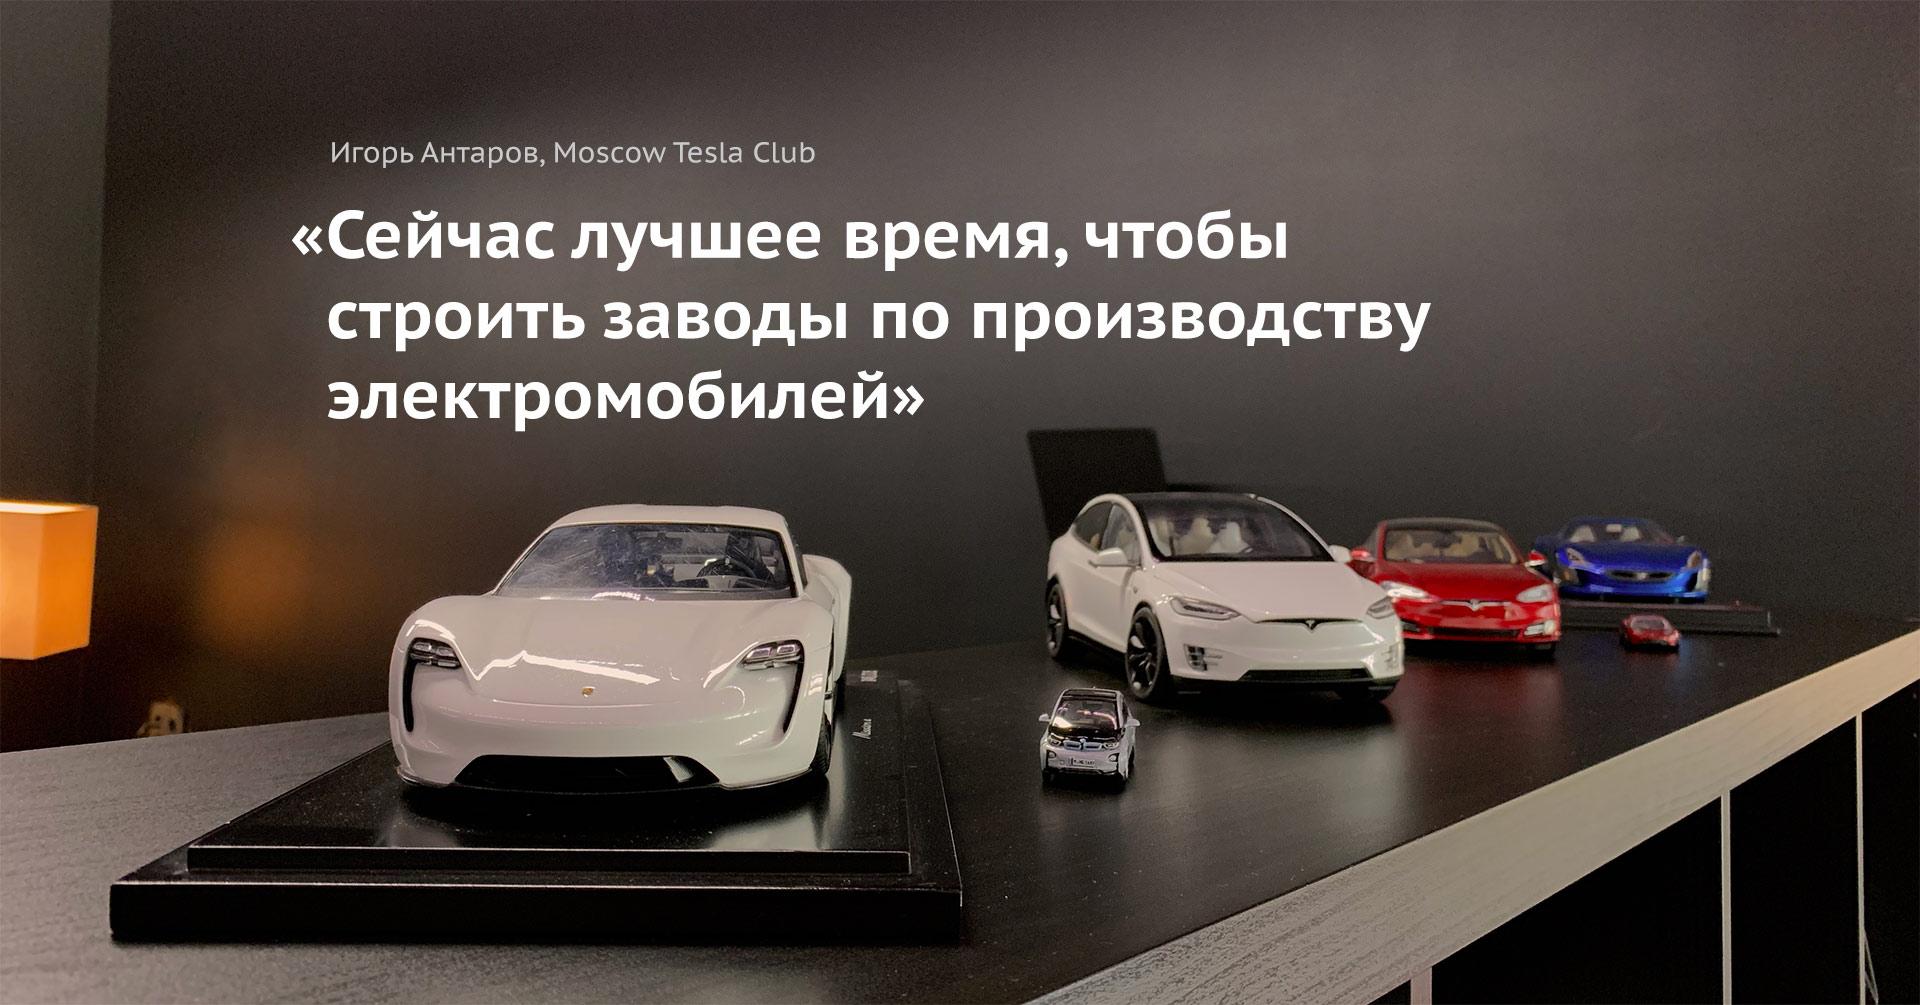 Игорь Антаров из Moscow Tesla Club борется с 20 мифами о Тесле и электромобилях - 1